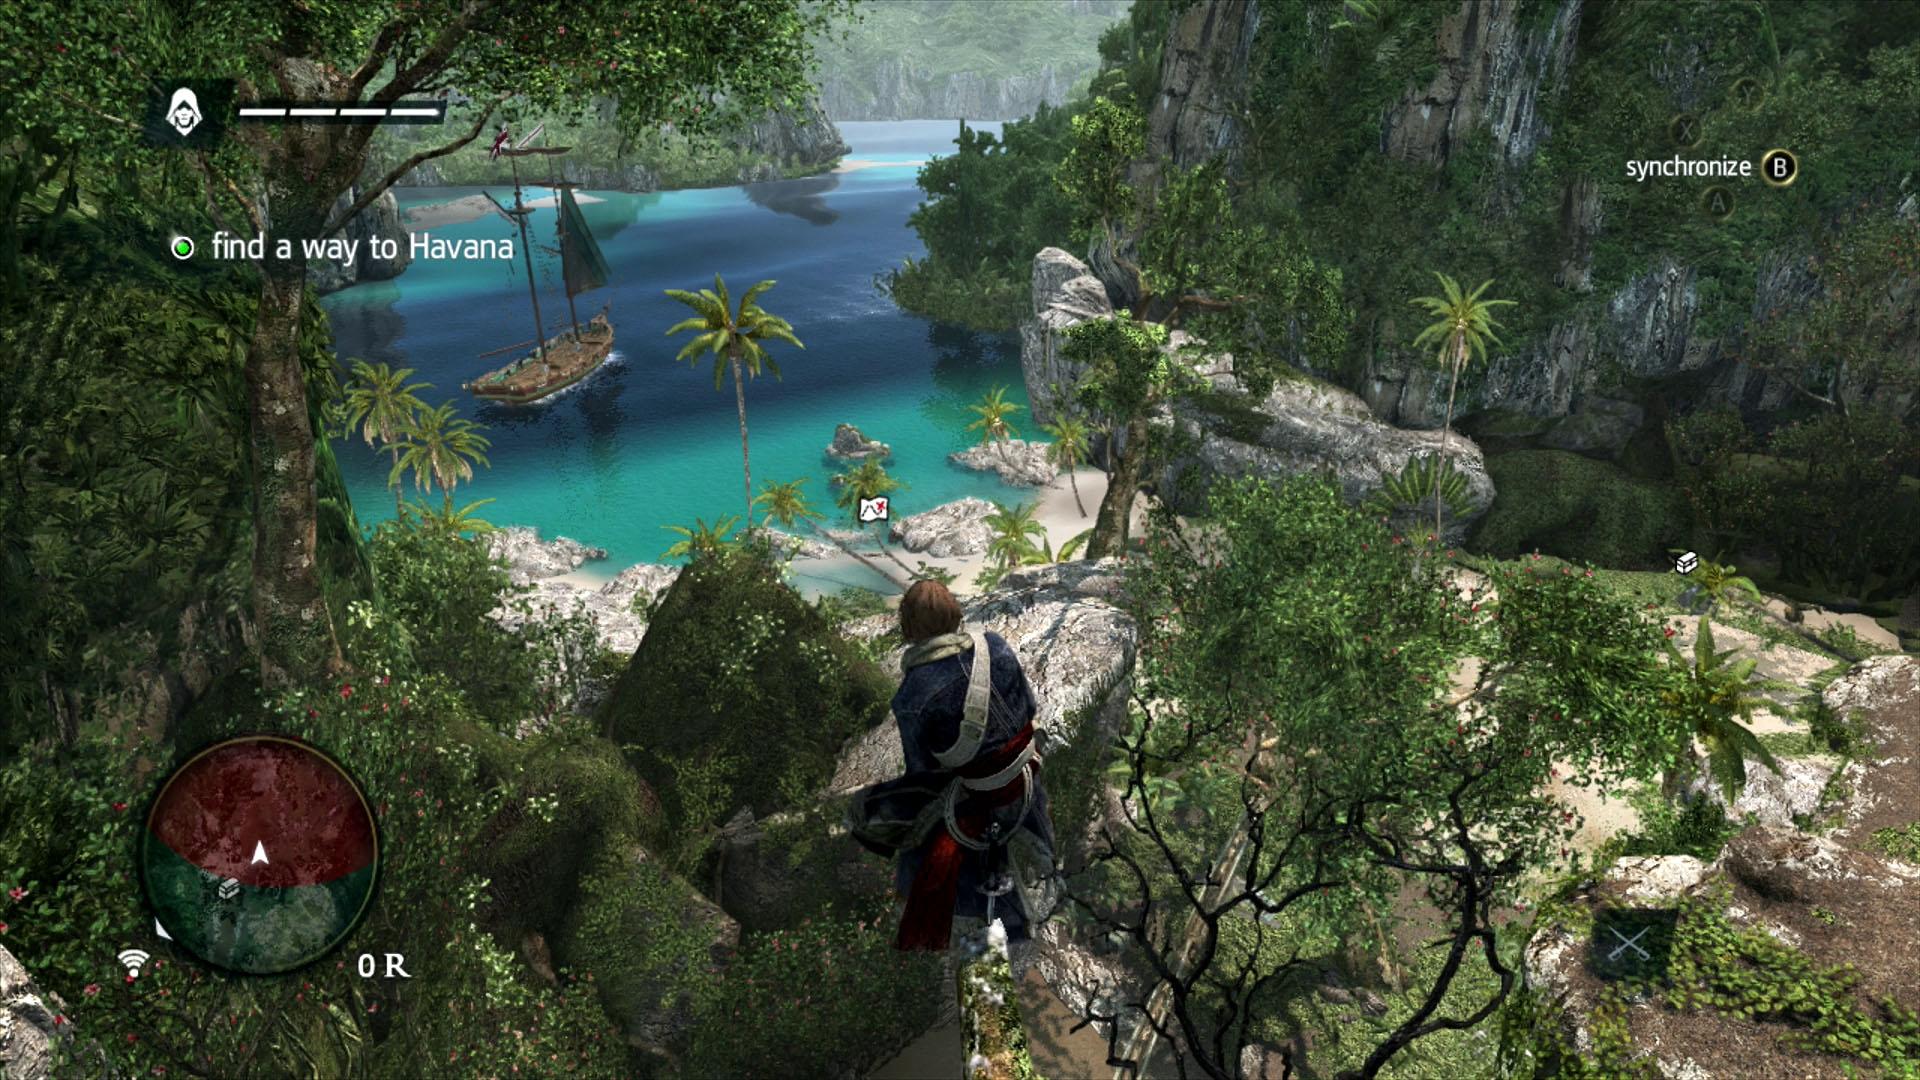 游戏中的人物和枪支上得到很好的体现之外,在对于环境真实性的塑造图片